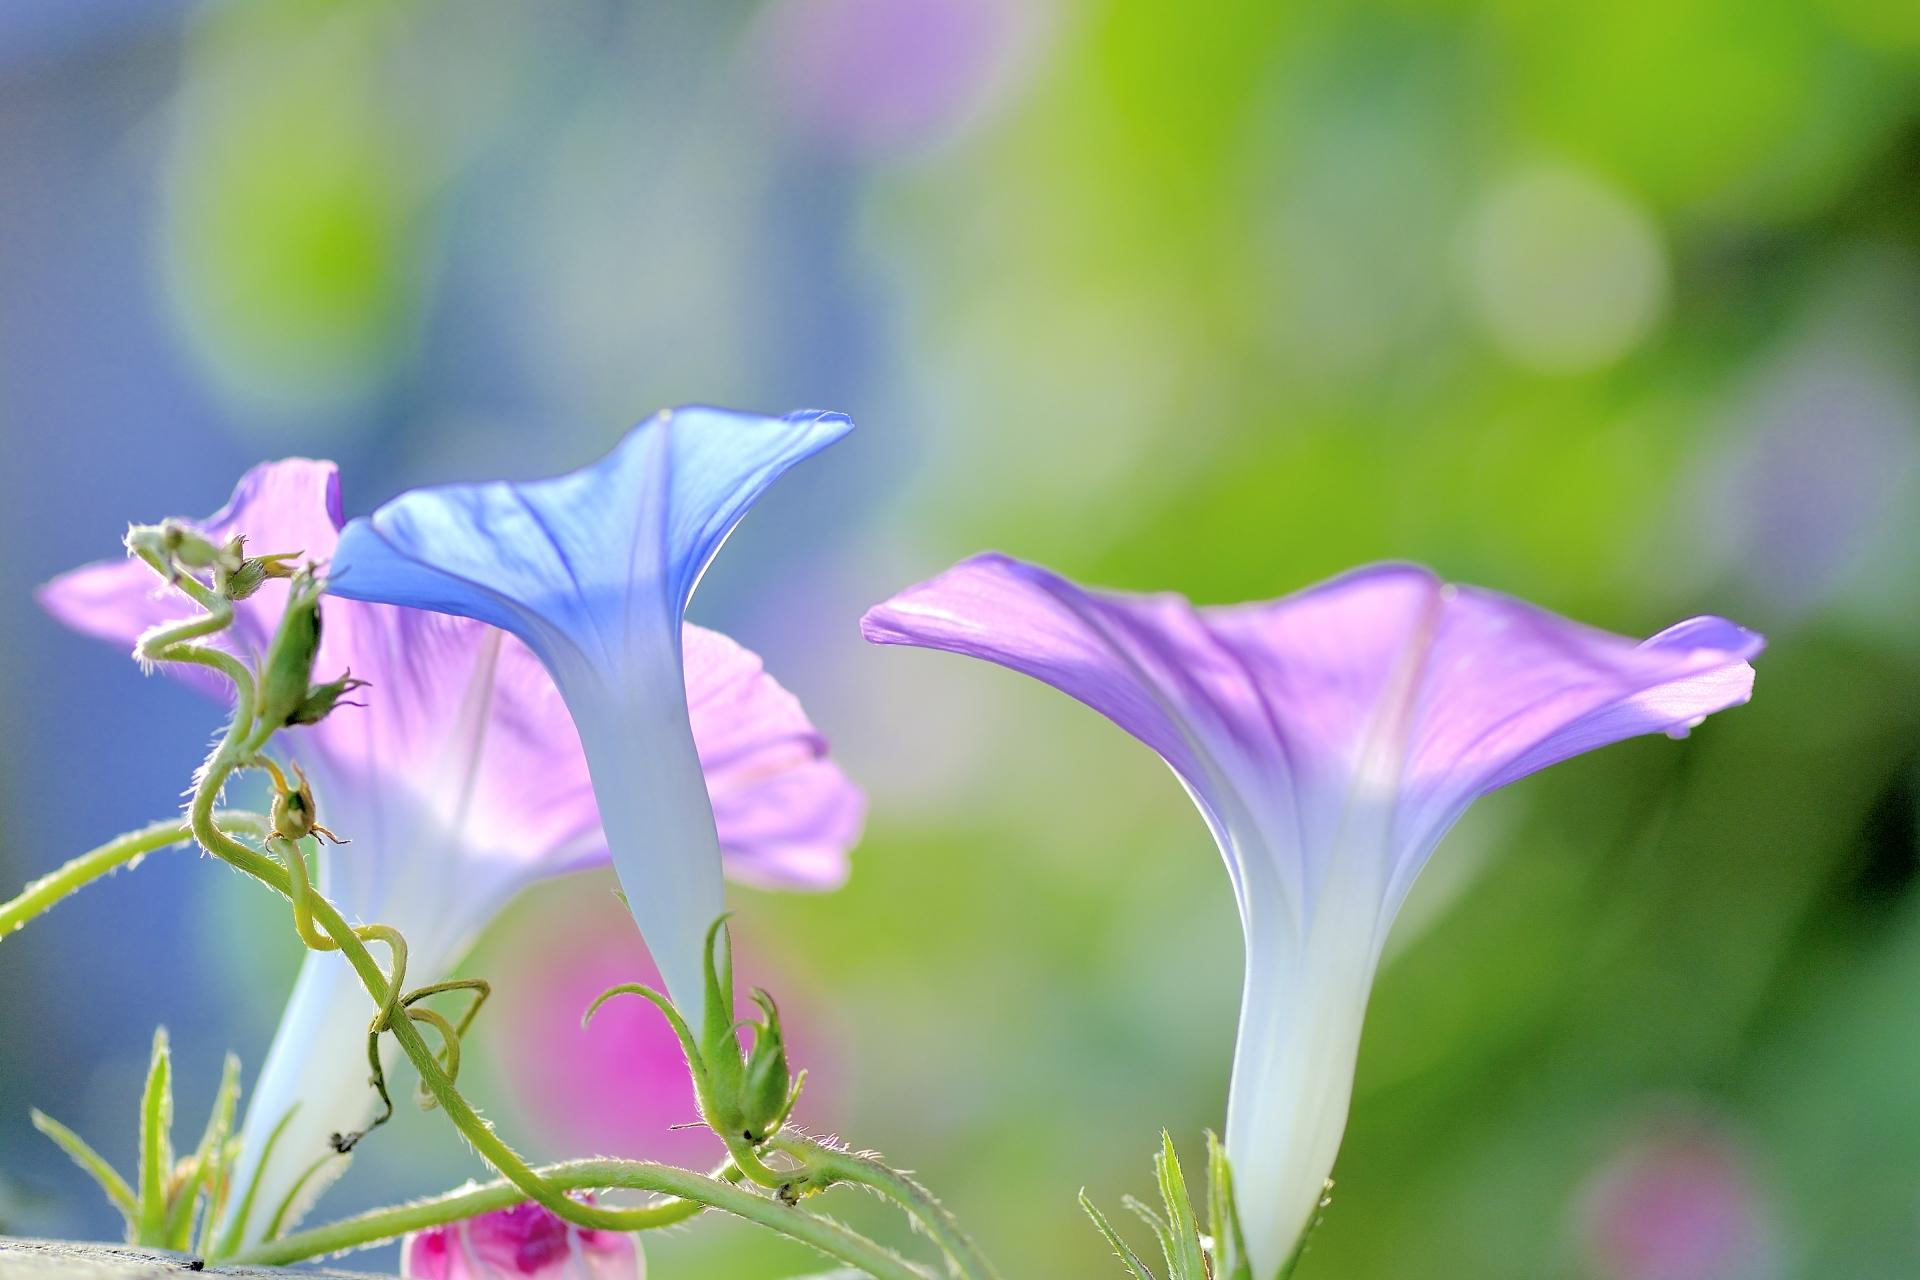 朝顔・昼顔・夕顔・夜顔の違いは?見分け方は花の咲く時間帯と・・